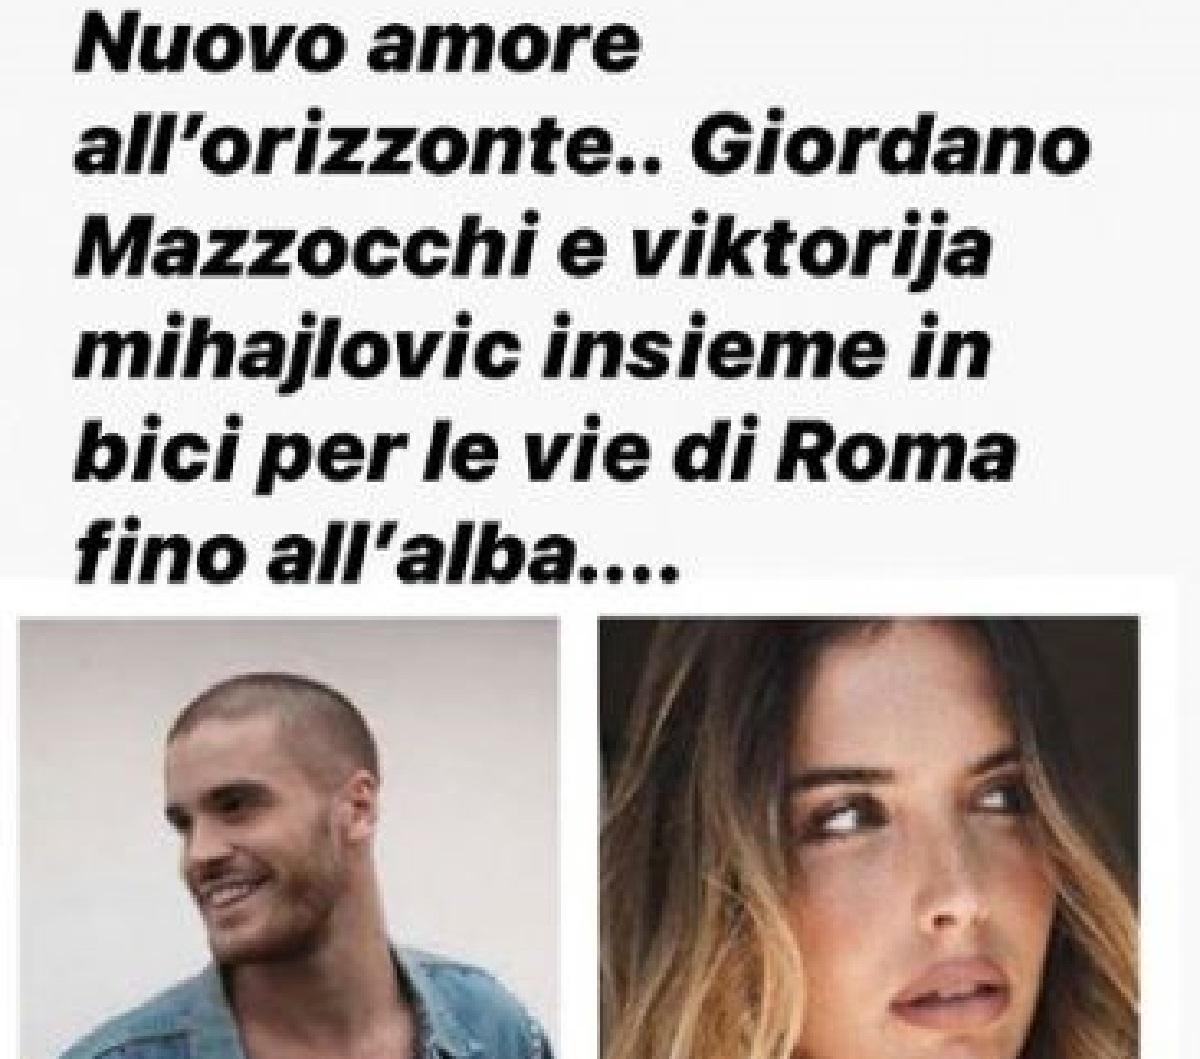 Nuovo amore per Giordano Mazzocchi?